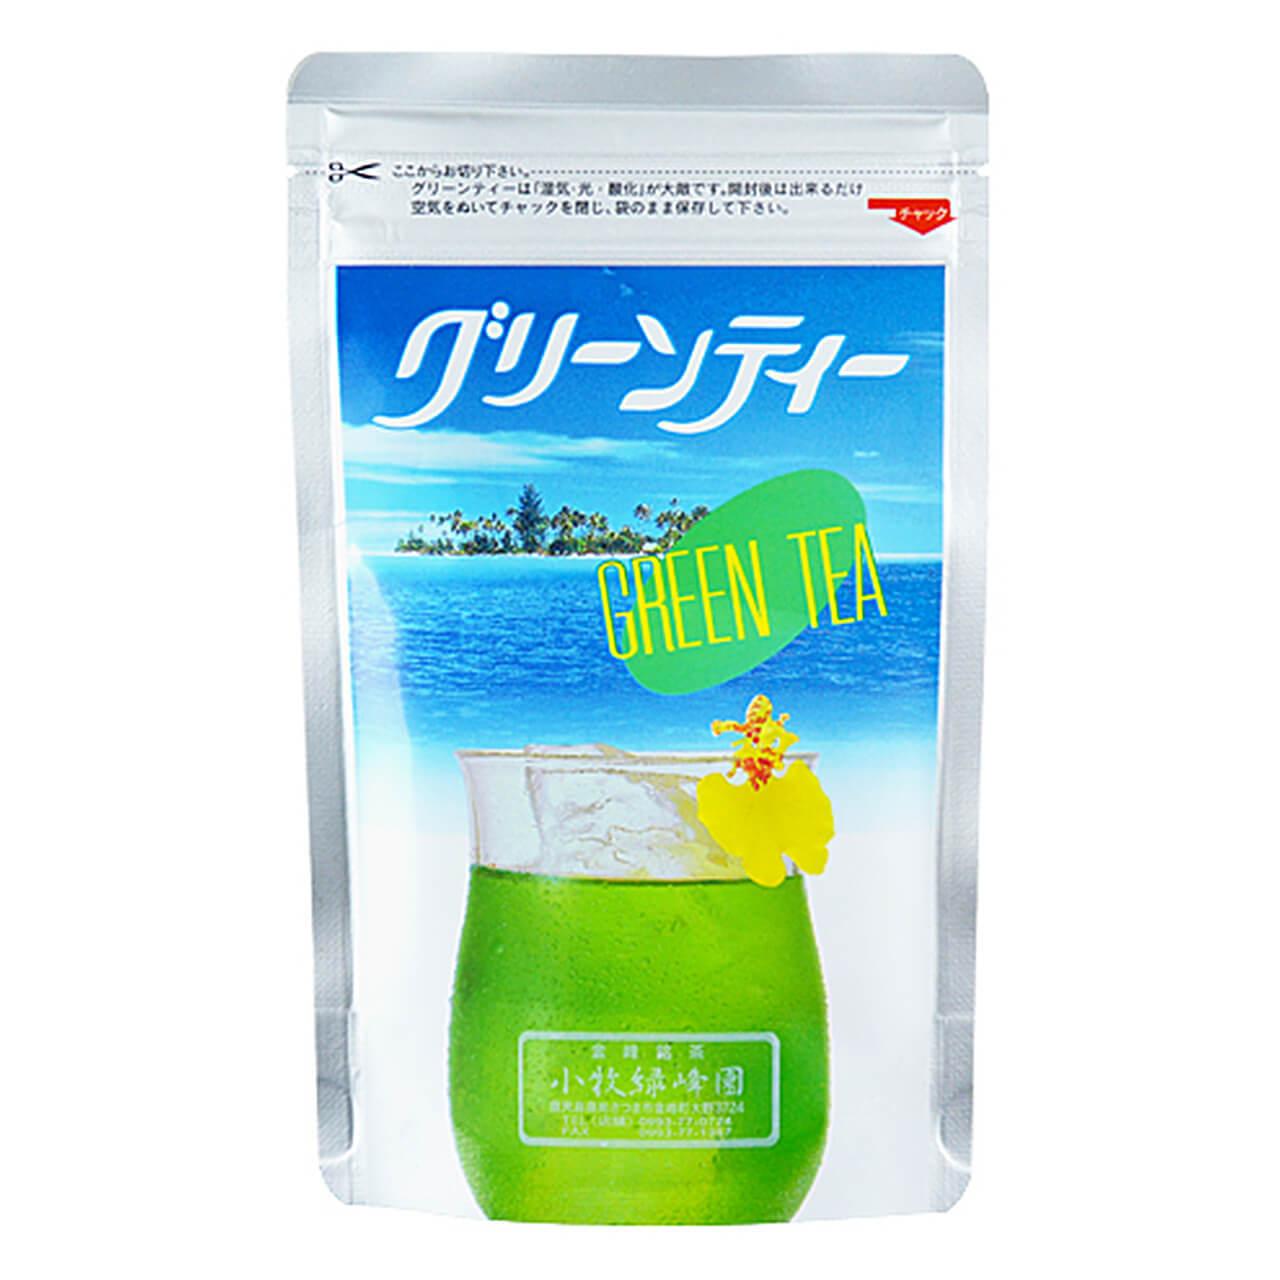 お茶 粉末 グリーンティー 150g 緑茶 抹茶 粉末 抹茶パウダー 小牧緑峰園